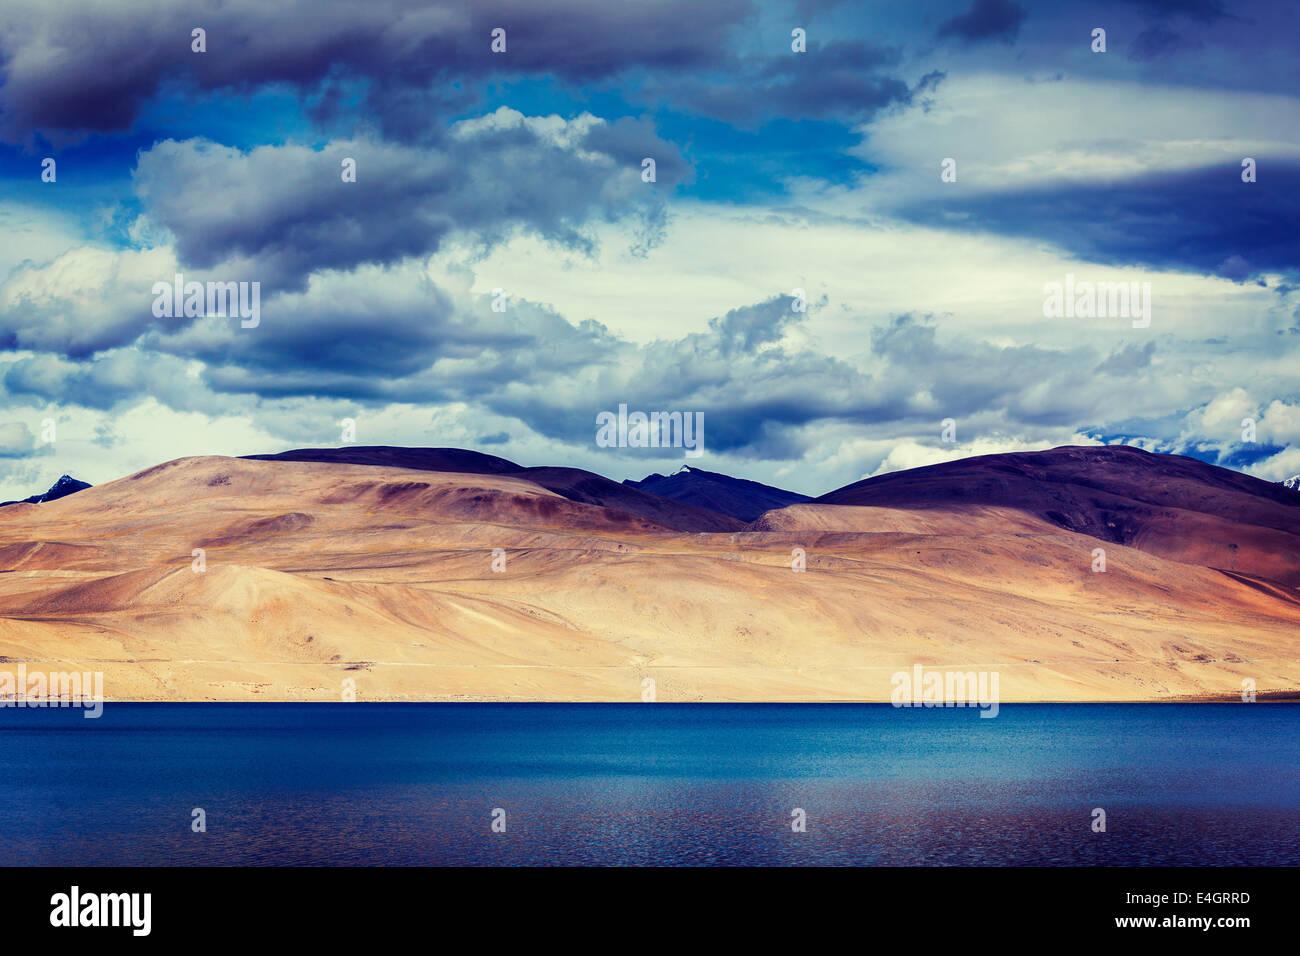 Vintage effetto retrò filtrata hipster stile immagine di viaggio di Himalayan mountain lake in Himalaya Tso Immagini Stock